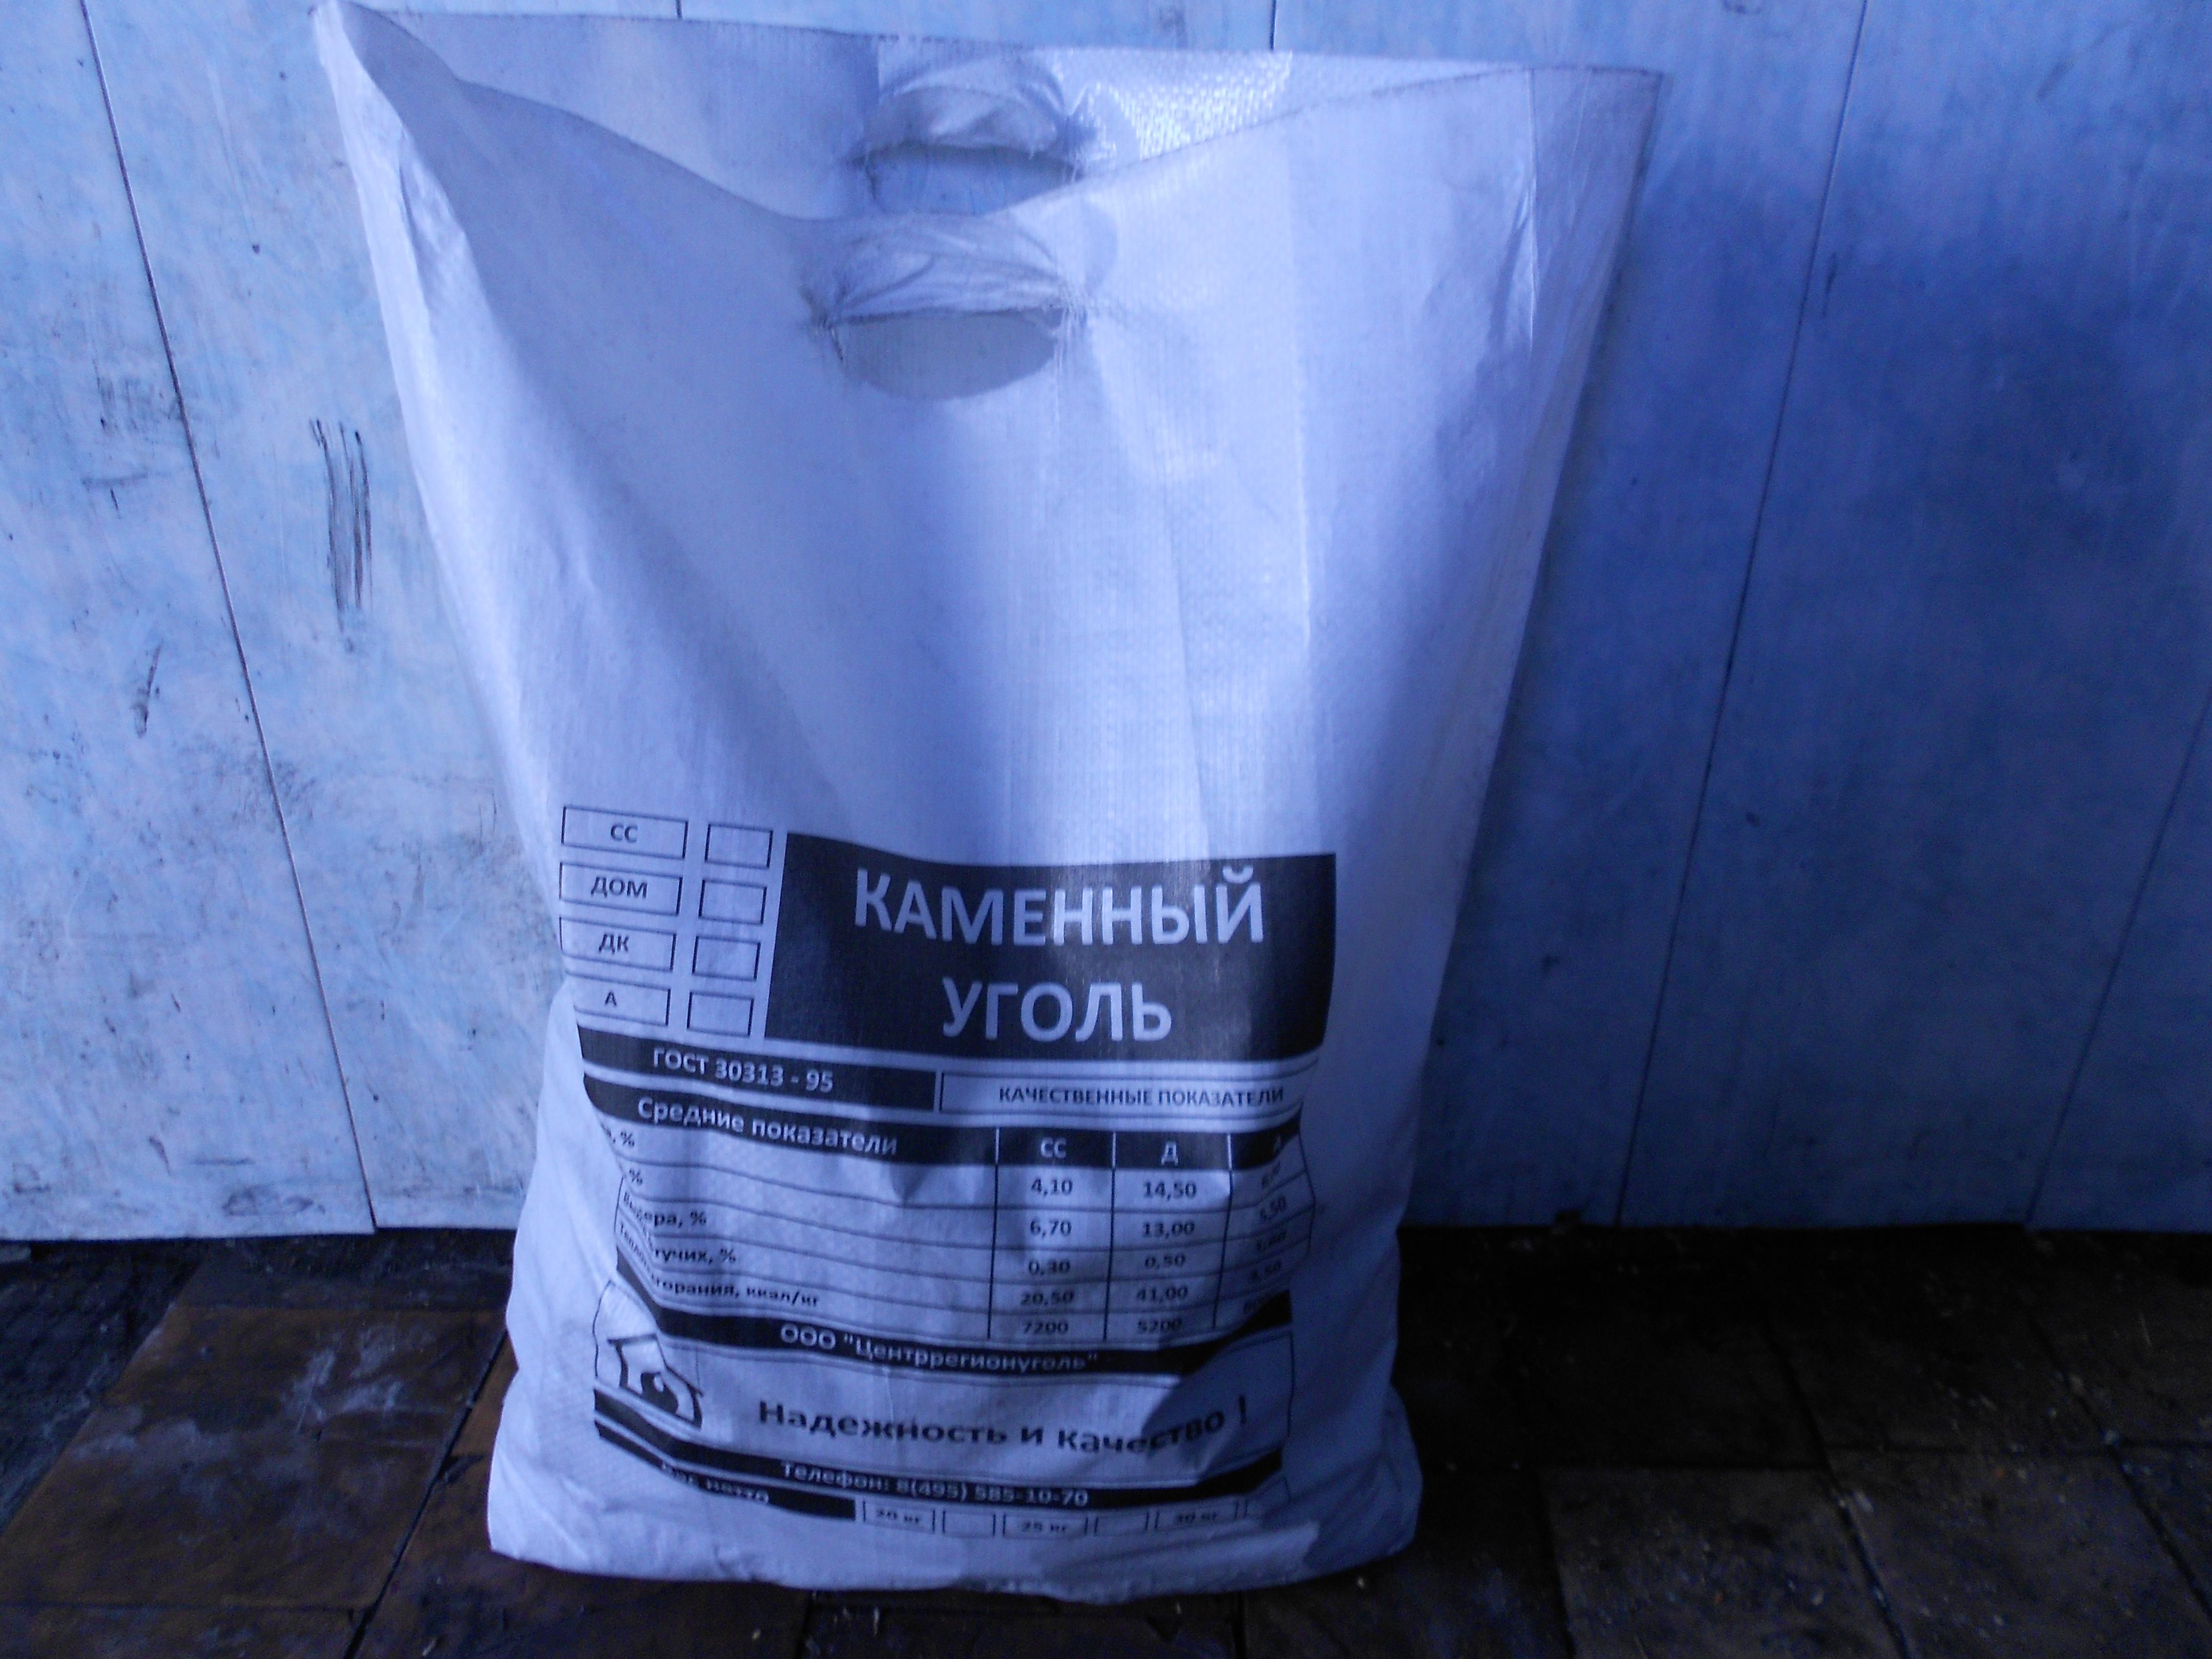 Каменный уголь в мешках в Москве и МО, рабочие будни.